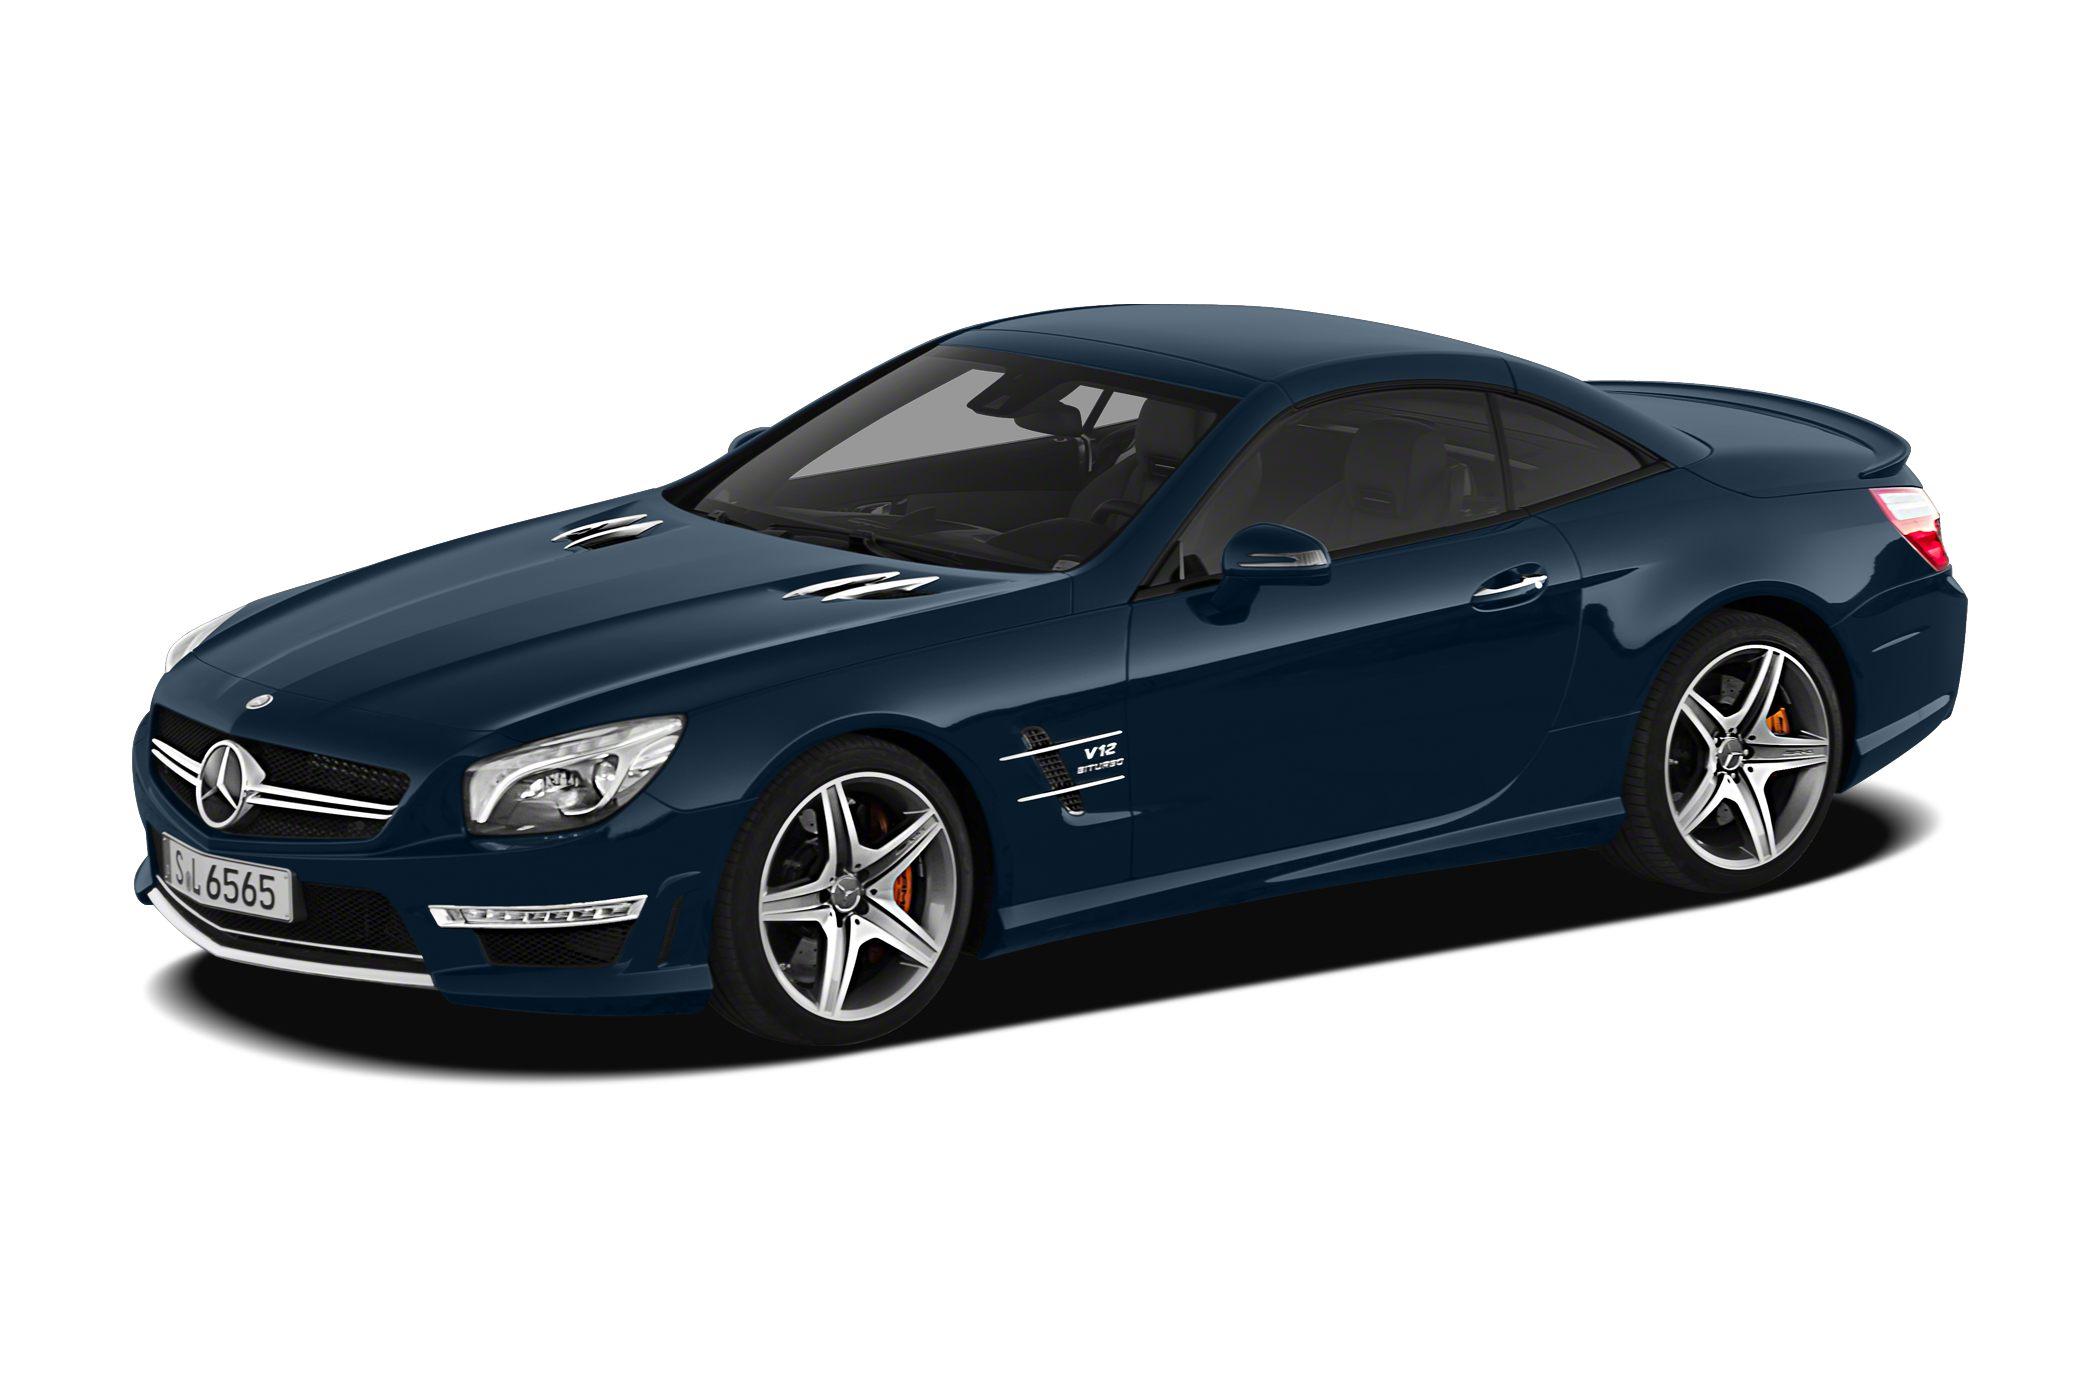 2013 Mercedes Benz SL Class Information